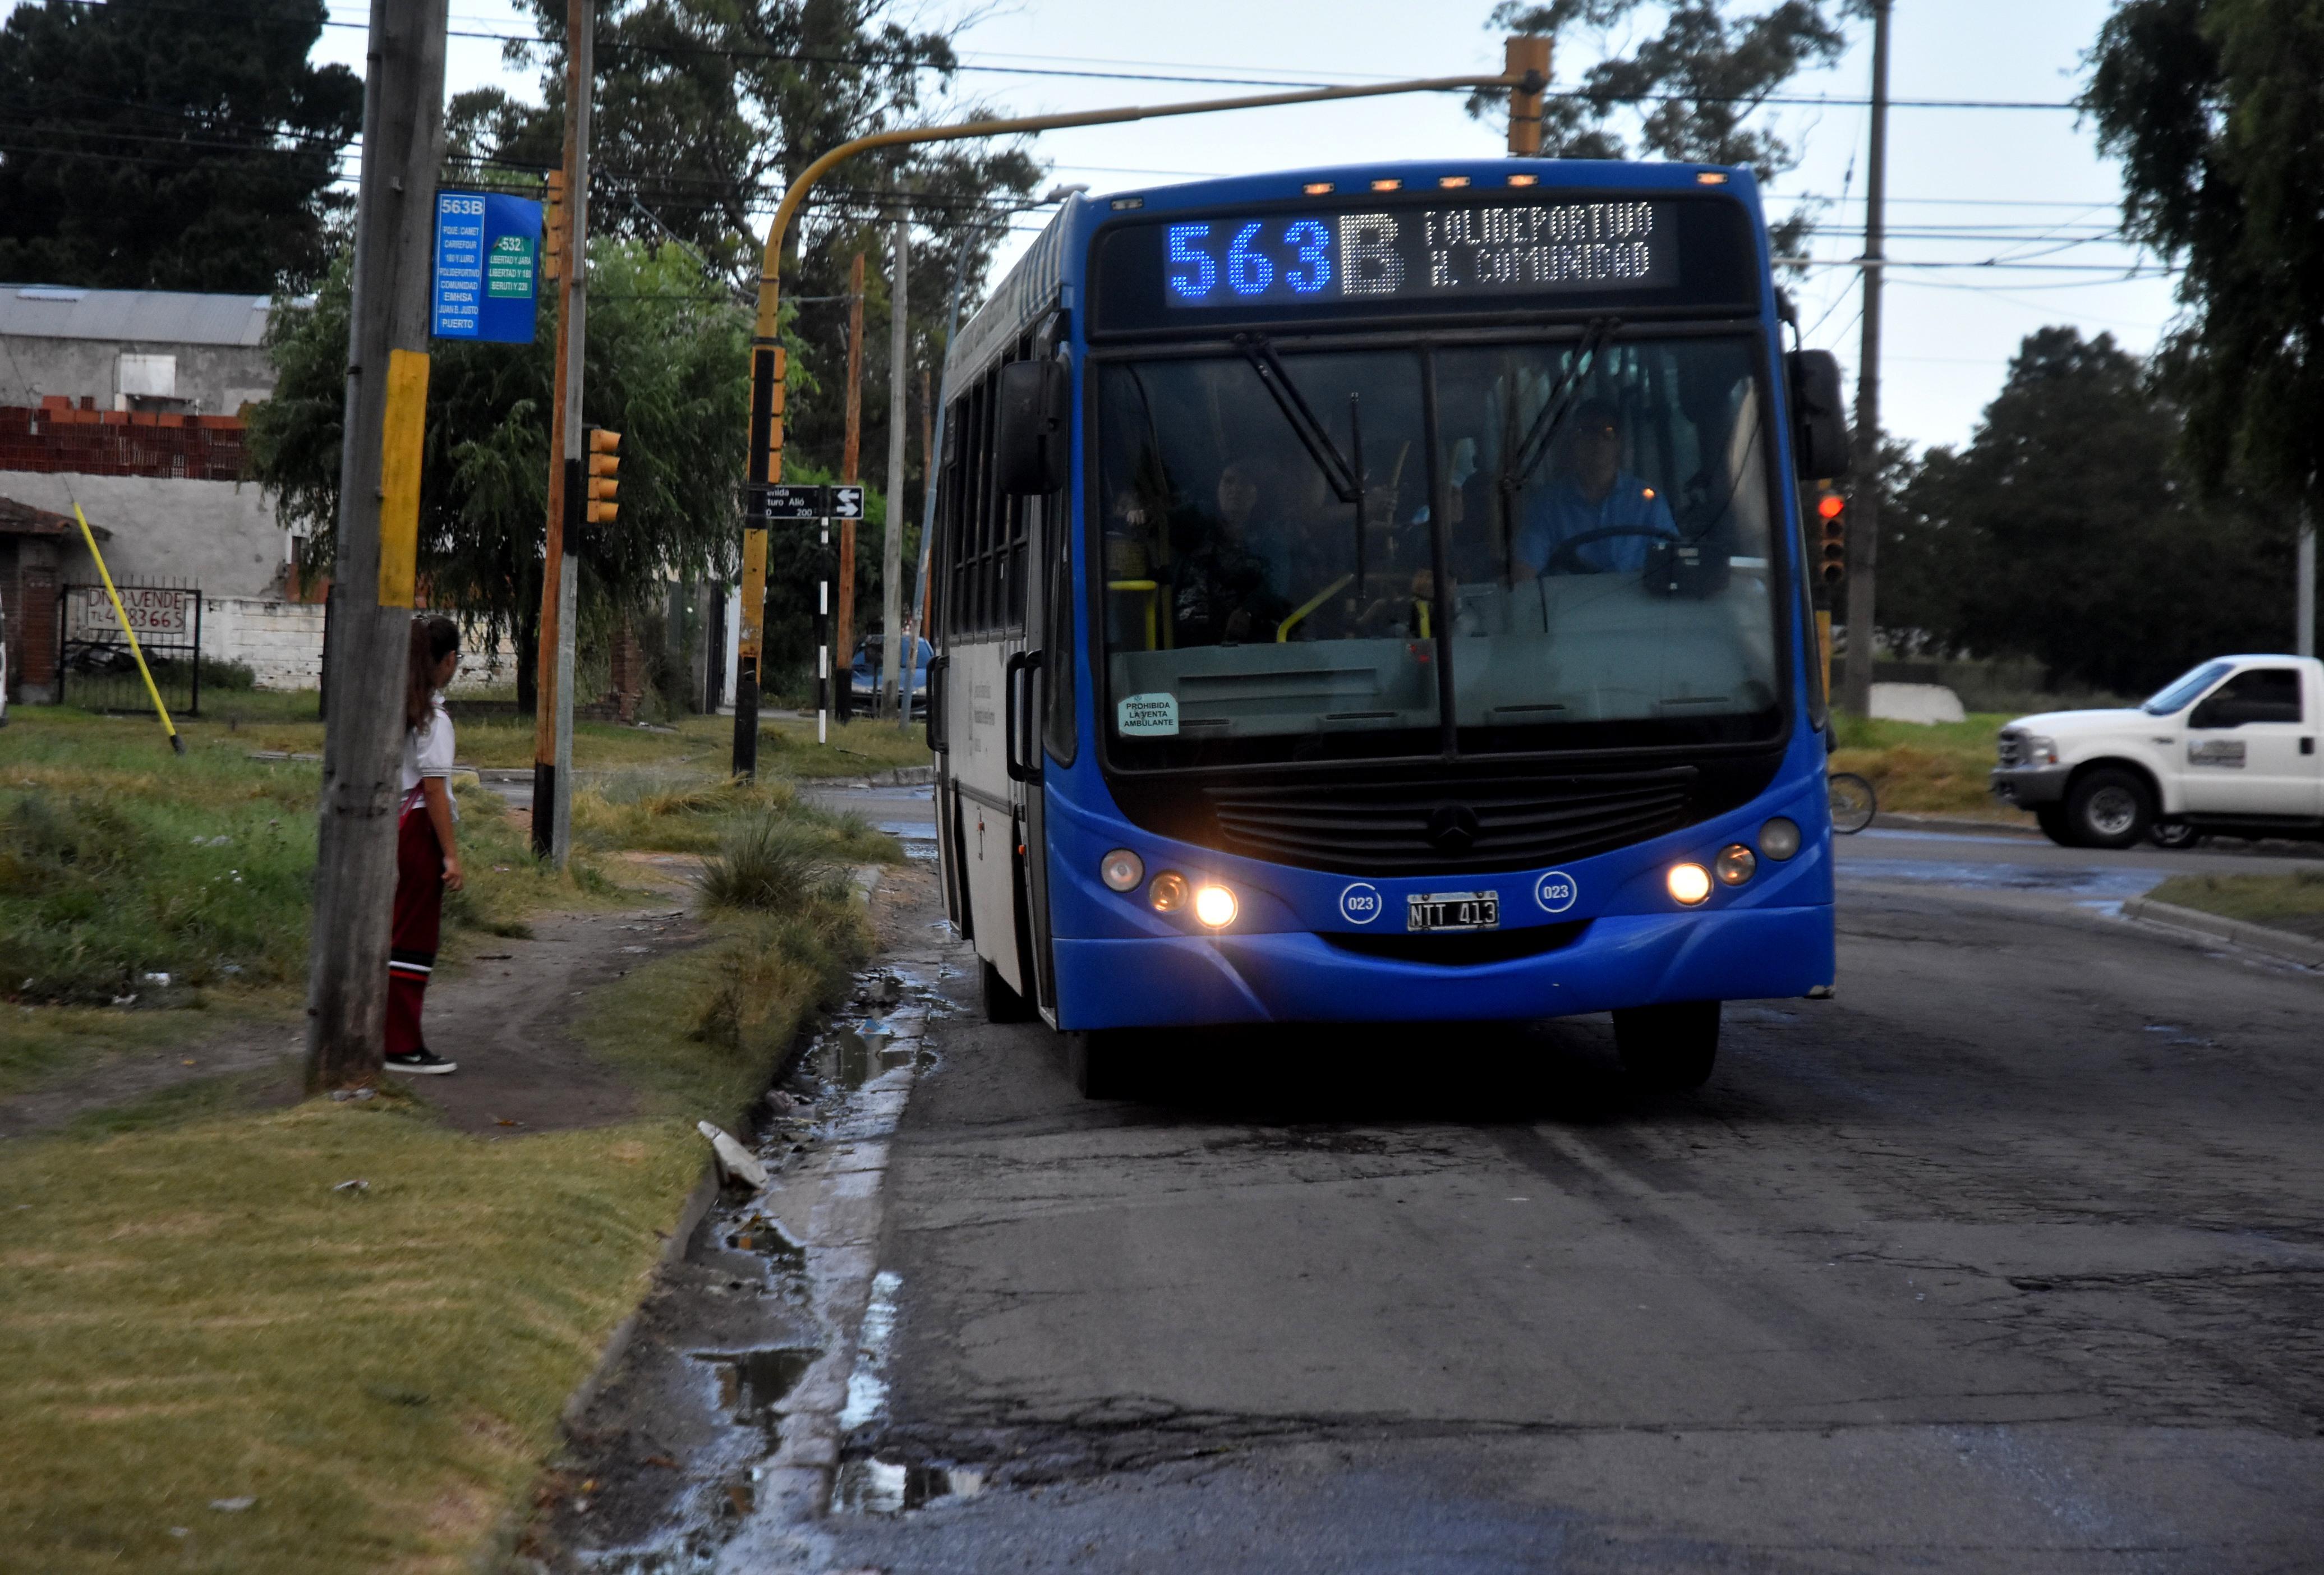 Transporte: la Agencia de Recaudación admitió que empresas tercerizadas no están habilitadas